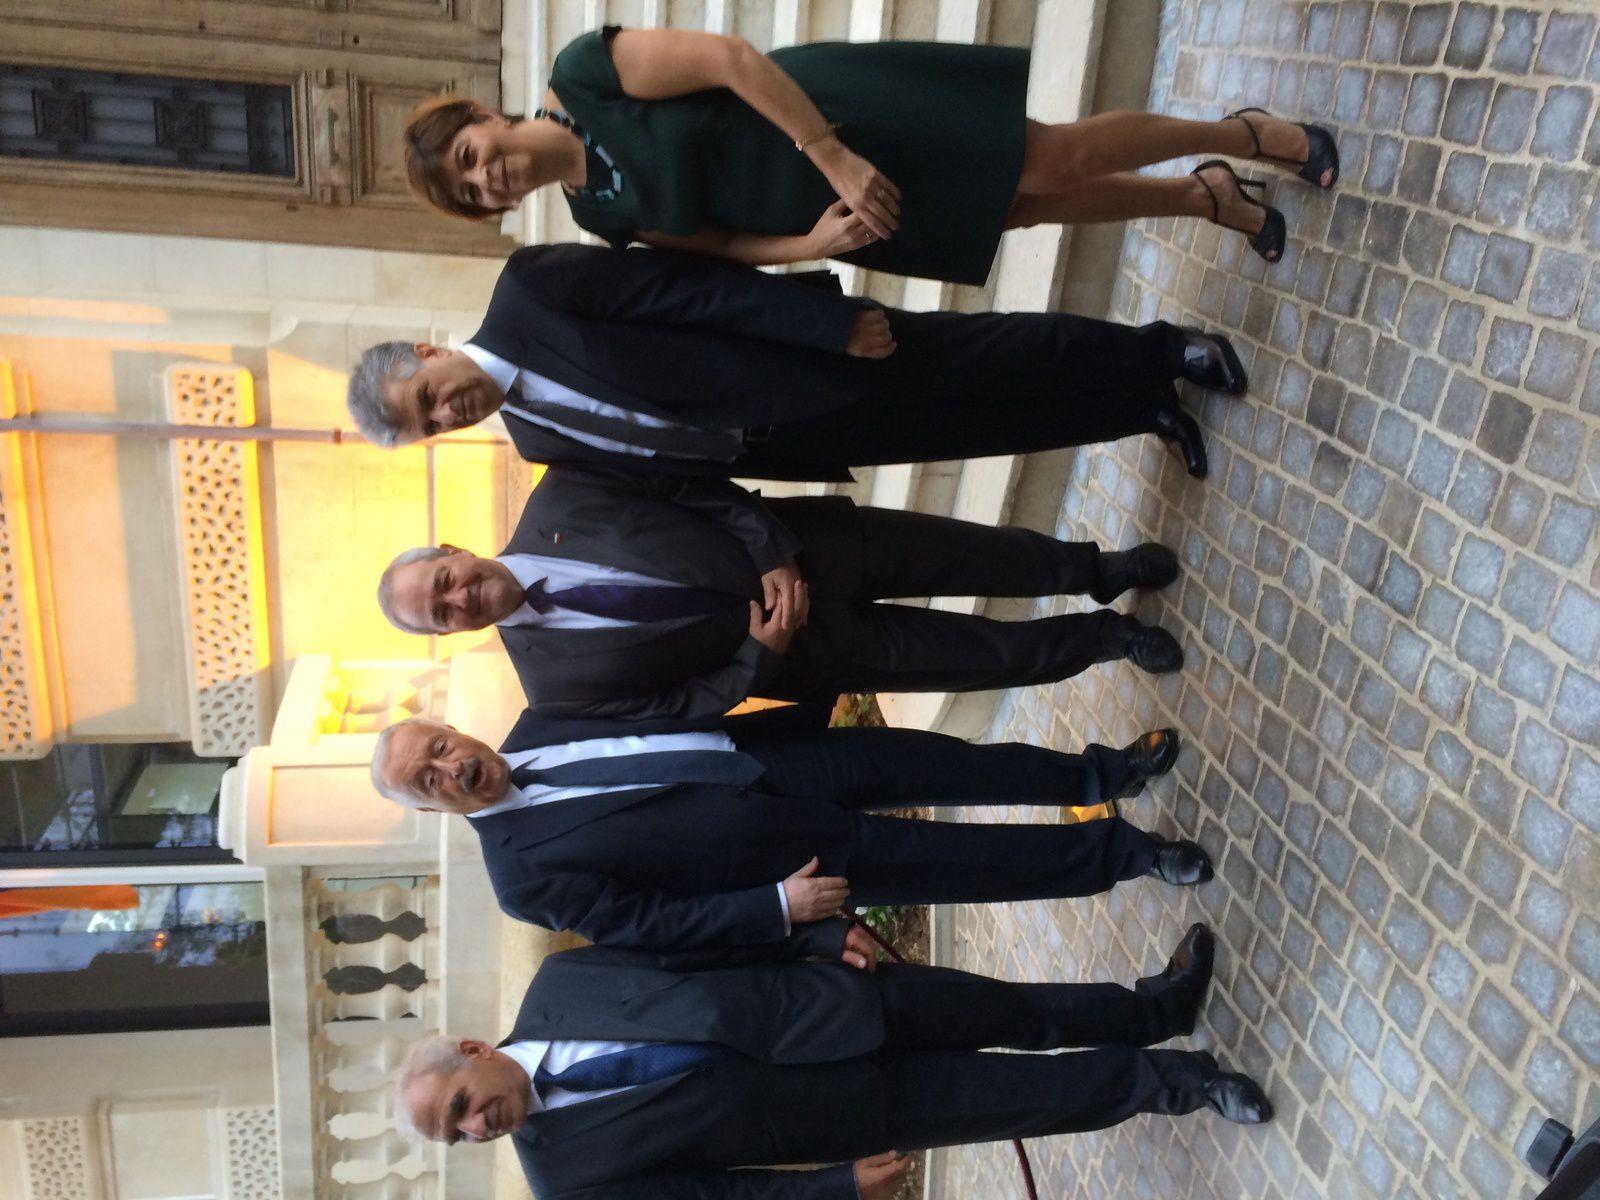 Jean-Marie MARTIN, consul h. de Bulgarie à Marseille, entouré de S.E. M. VIGUEN TCHITETCHIAN ambassadeur de la République d'Arménie en France, M. Vartan SIRMAKES Consul général à Marseille et son épouse.